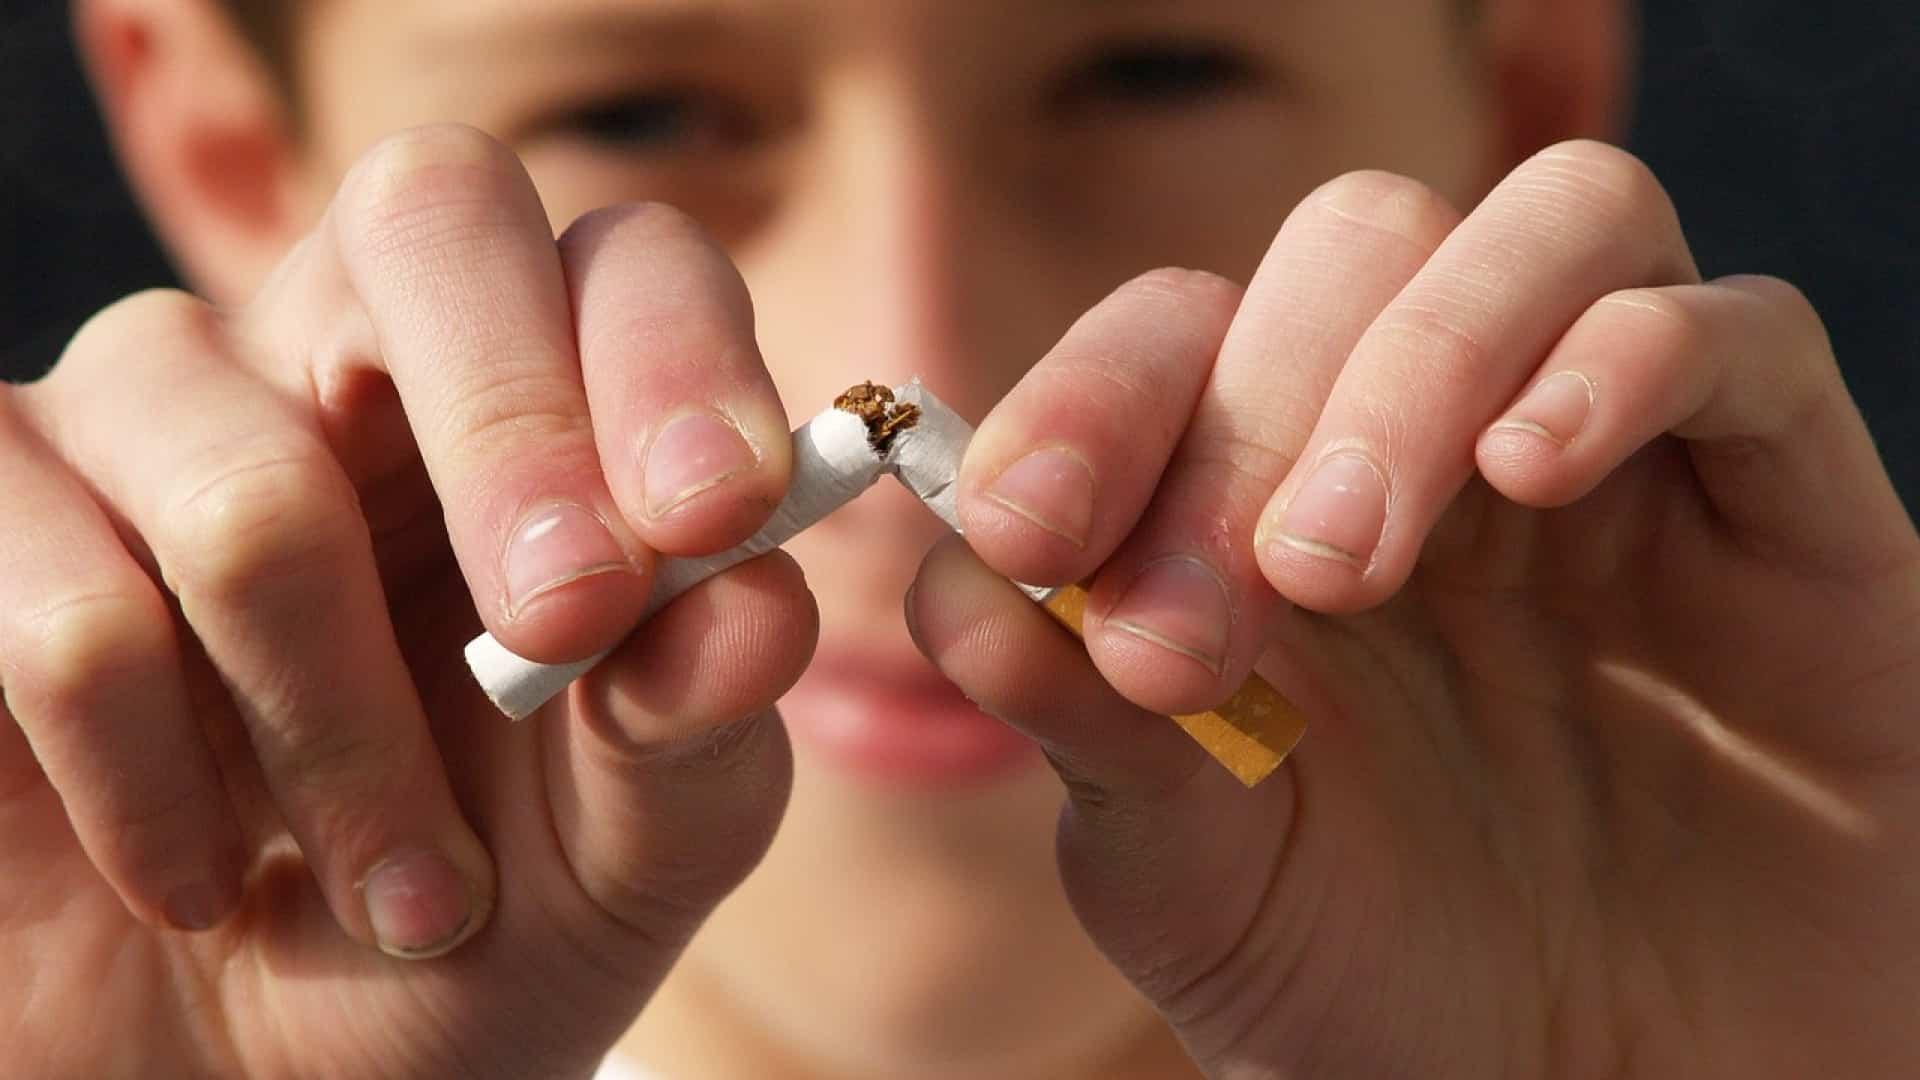 Quelle est la meilleure solution anti-tabac ?